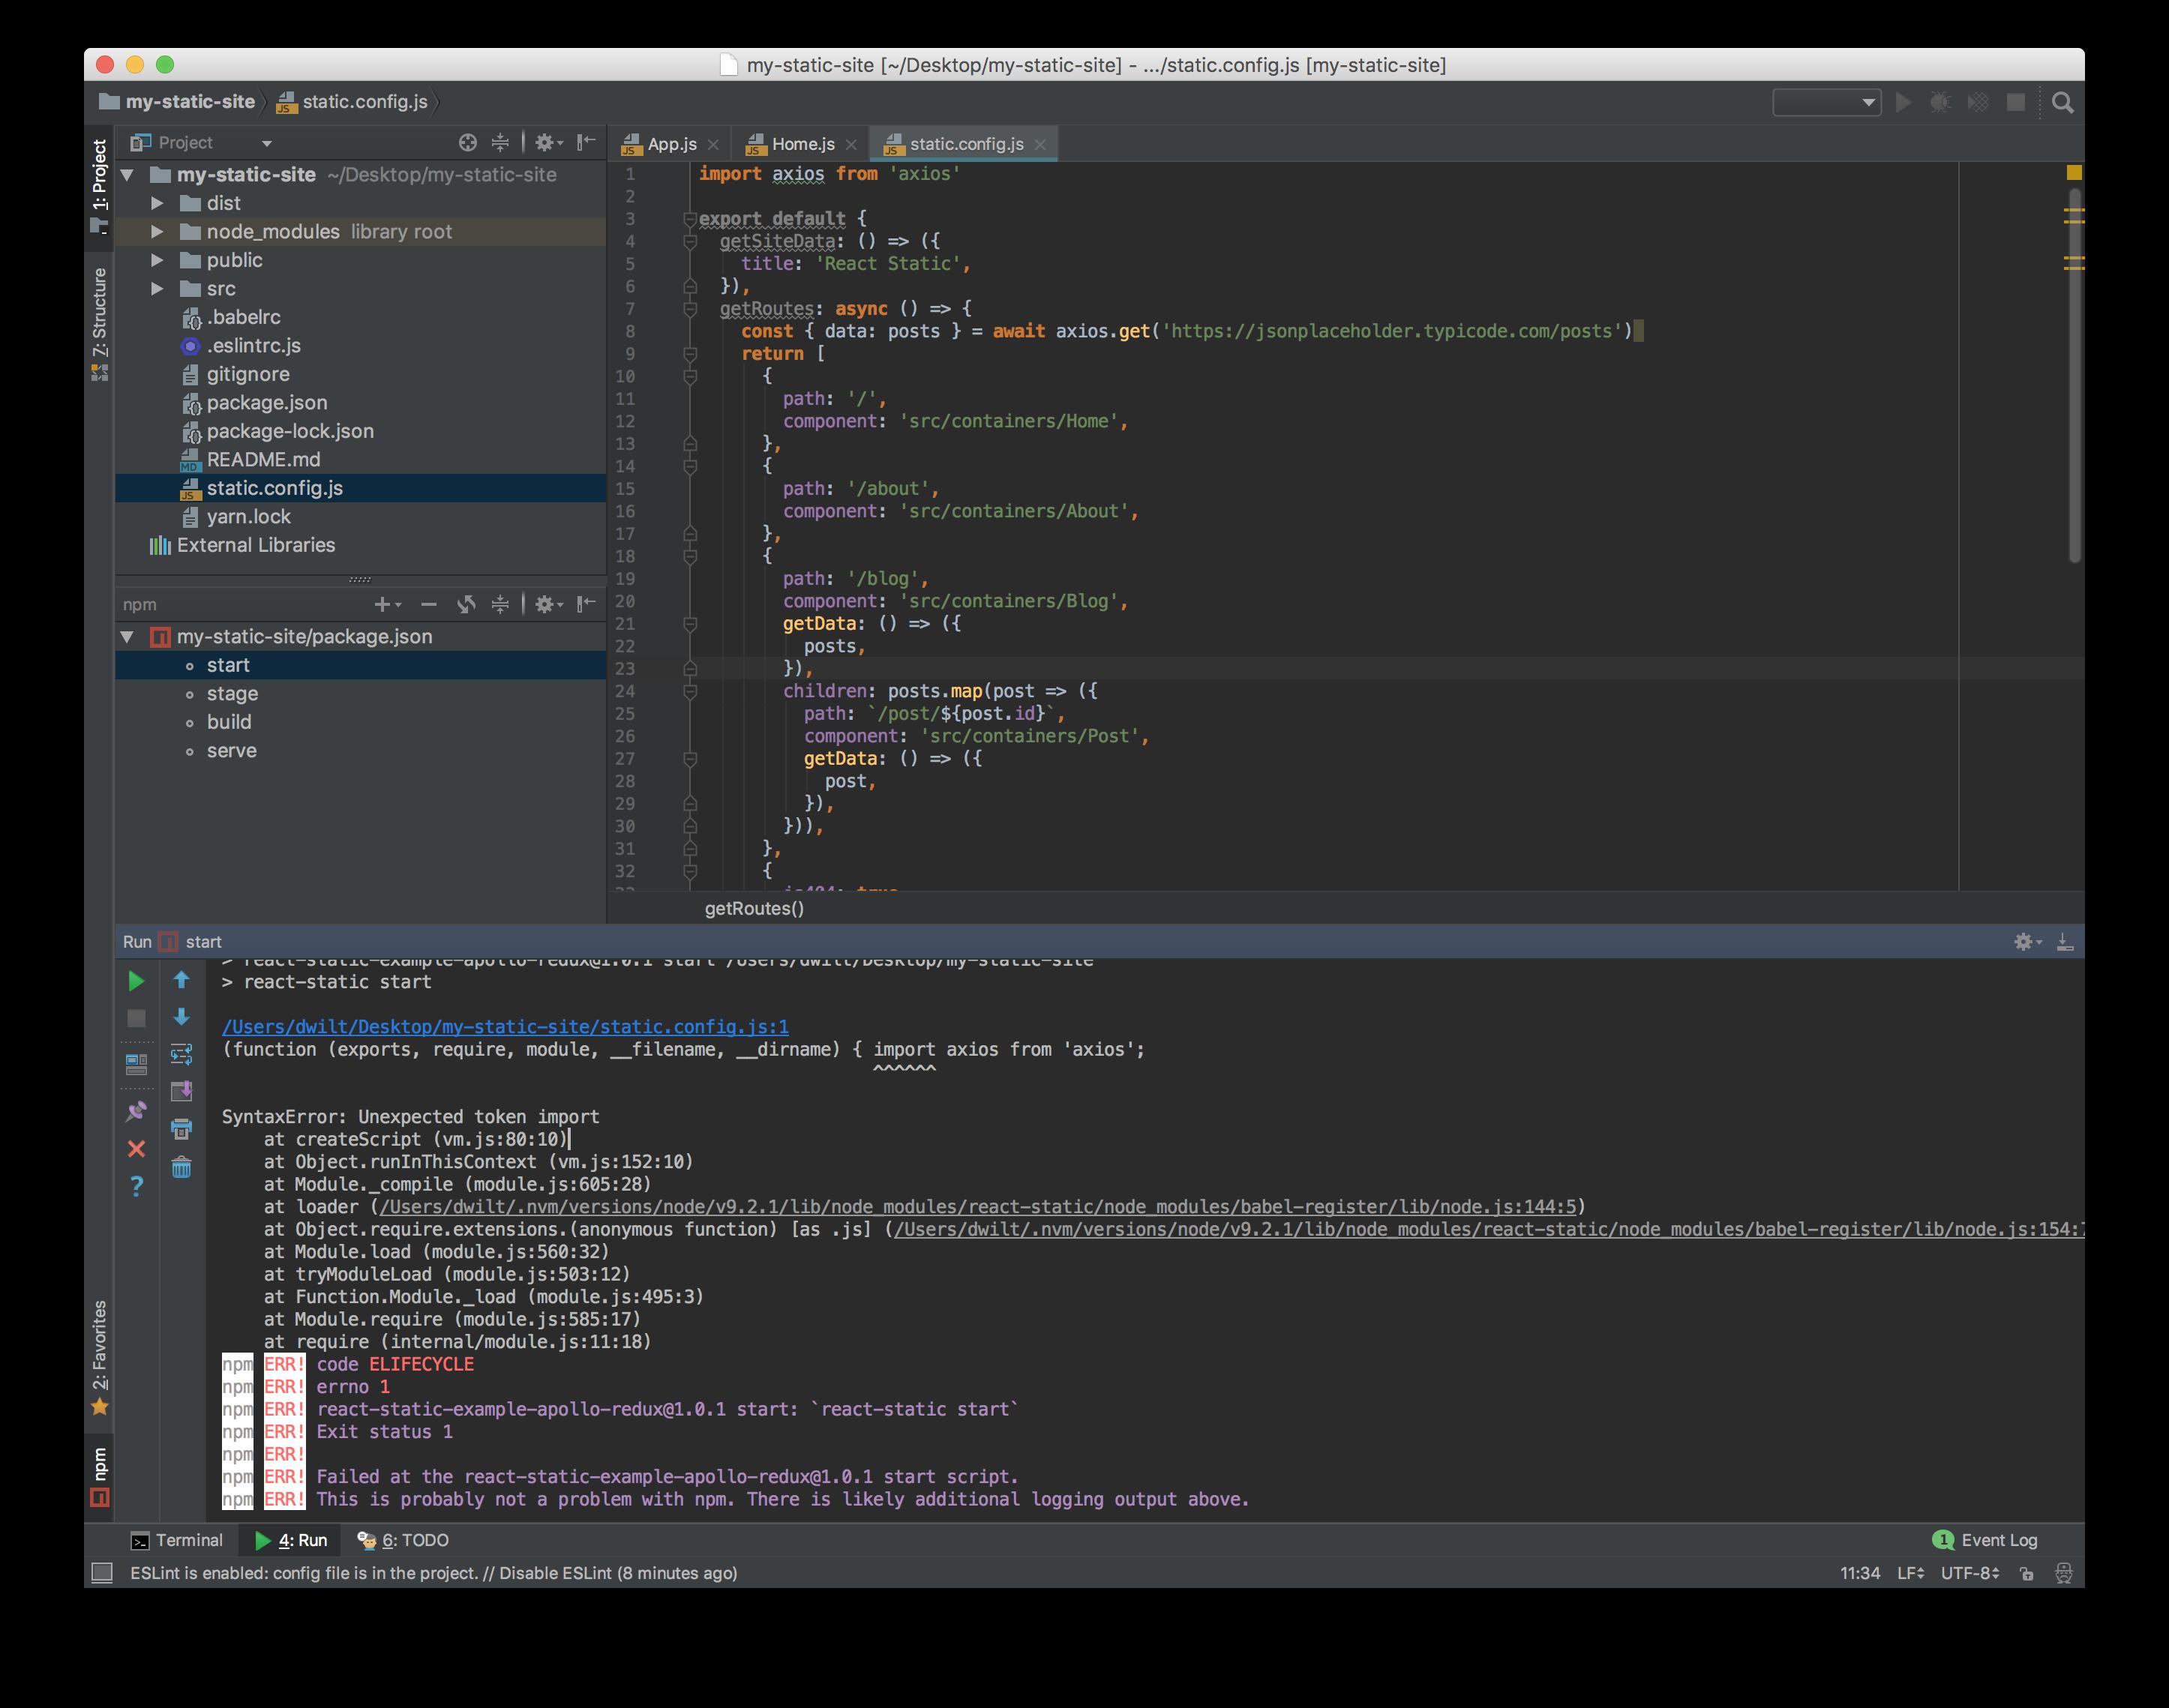 Build Error: SyntaxError: Unexpected token import - `import axios